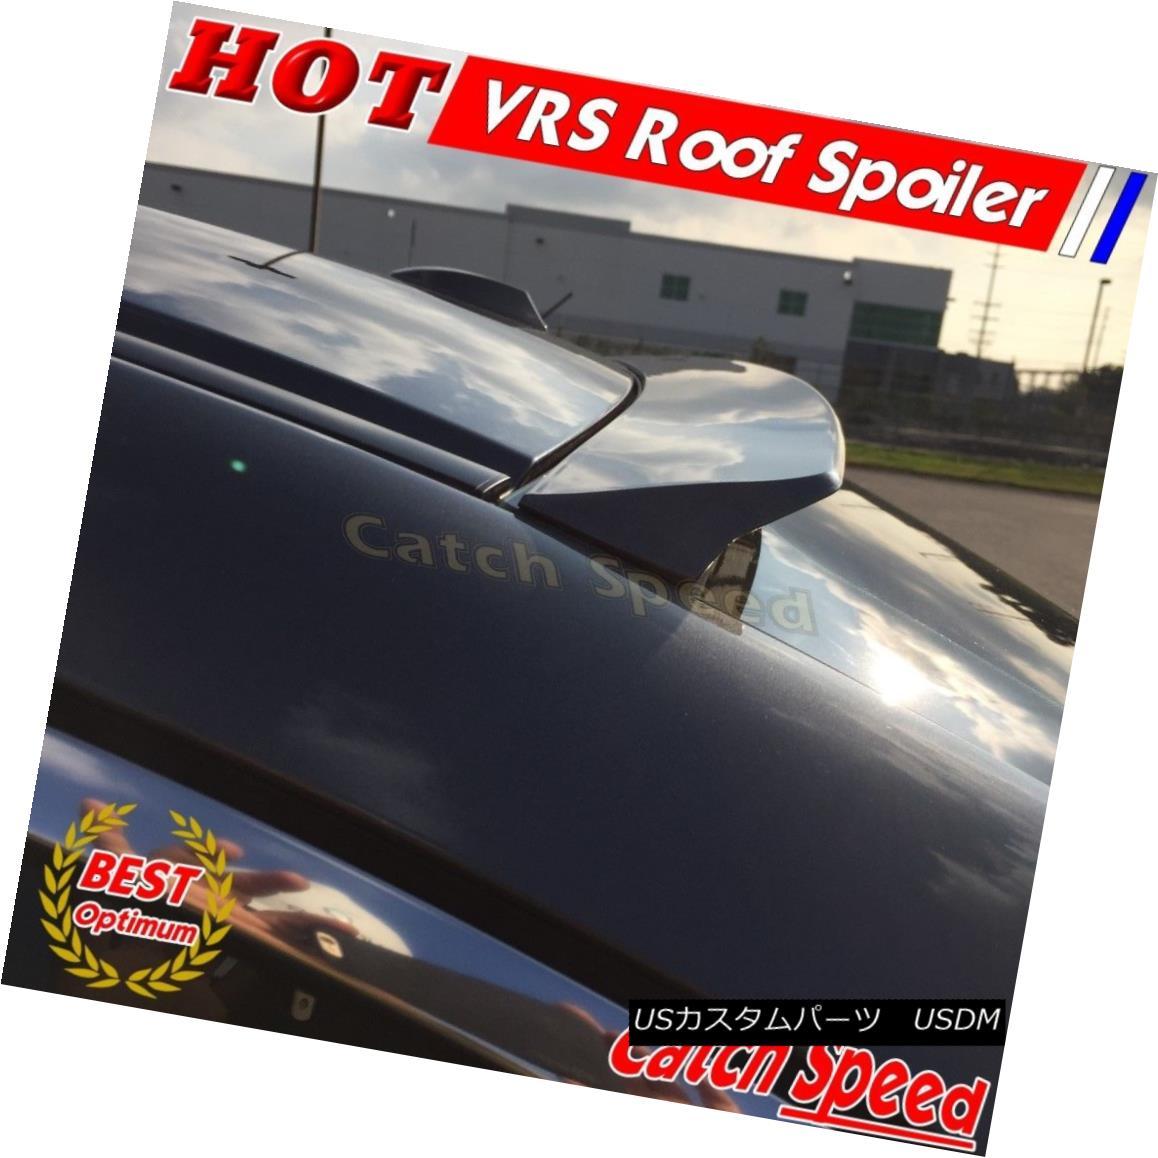 Flat Black VRS Type Rear Roof Spoiler Wing For Toyota Allion 2001-2007 Sedan